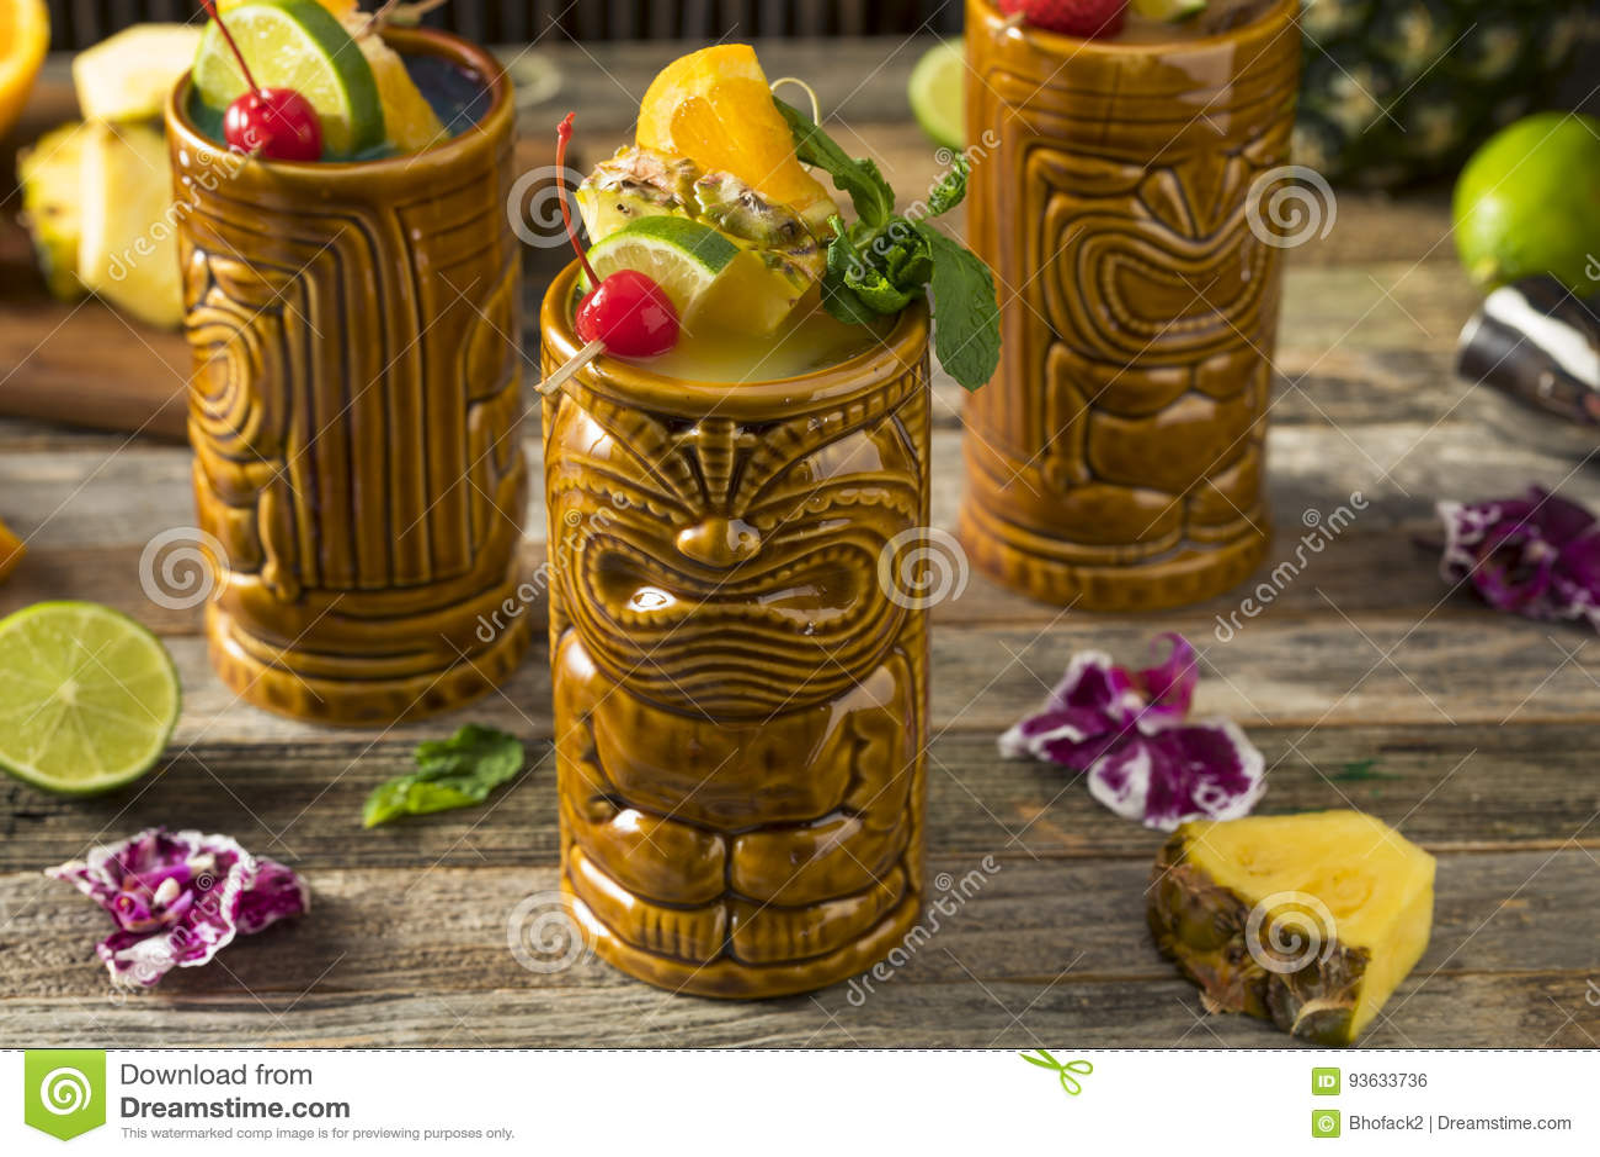 Tiki Drink Cocktails frio de refrescamento